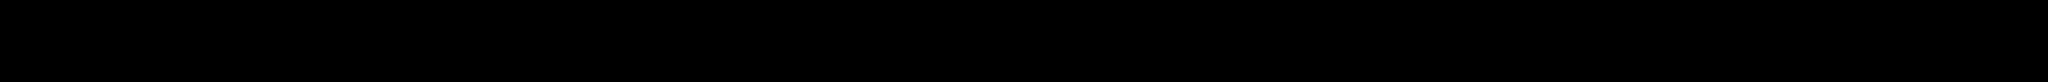 MEAT & DORIA 193339, 7701 479 182, 1736080, 9M5Q9D347AA, 193339 Zawór regulacji ciśnienia, system Common-Rail